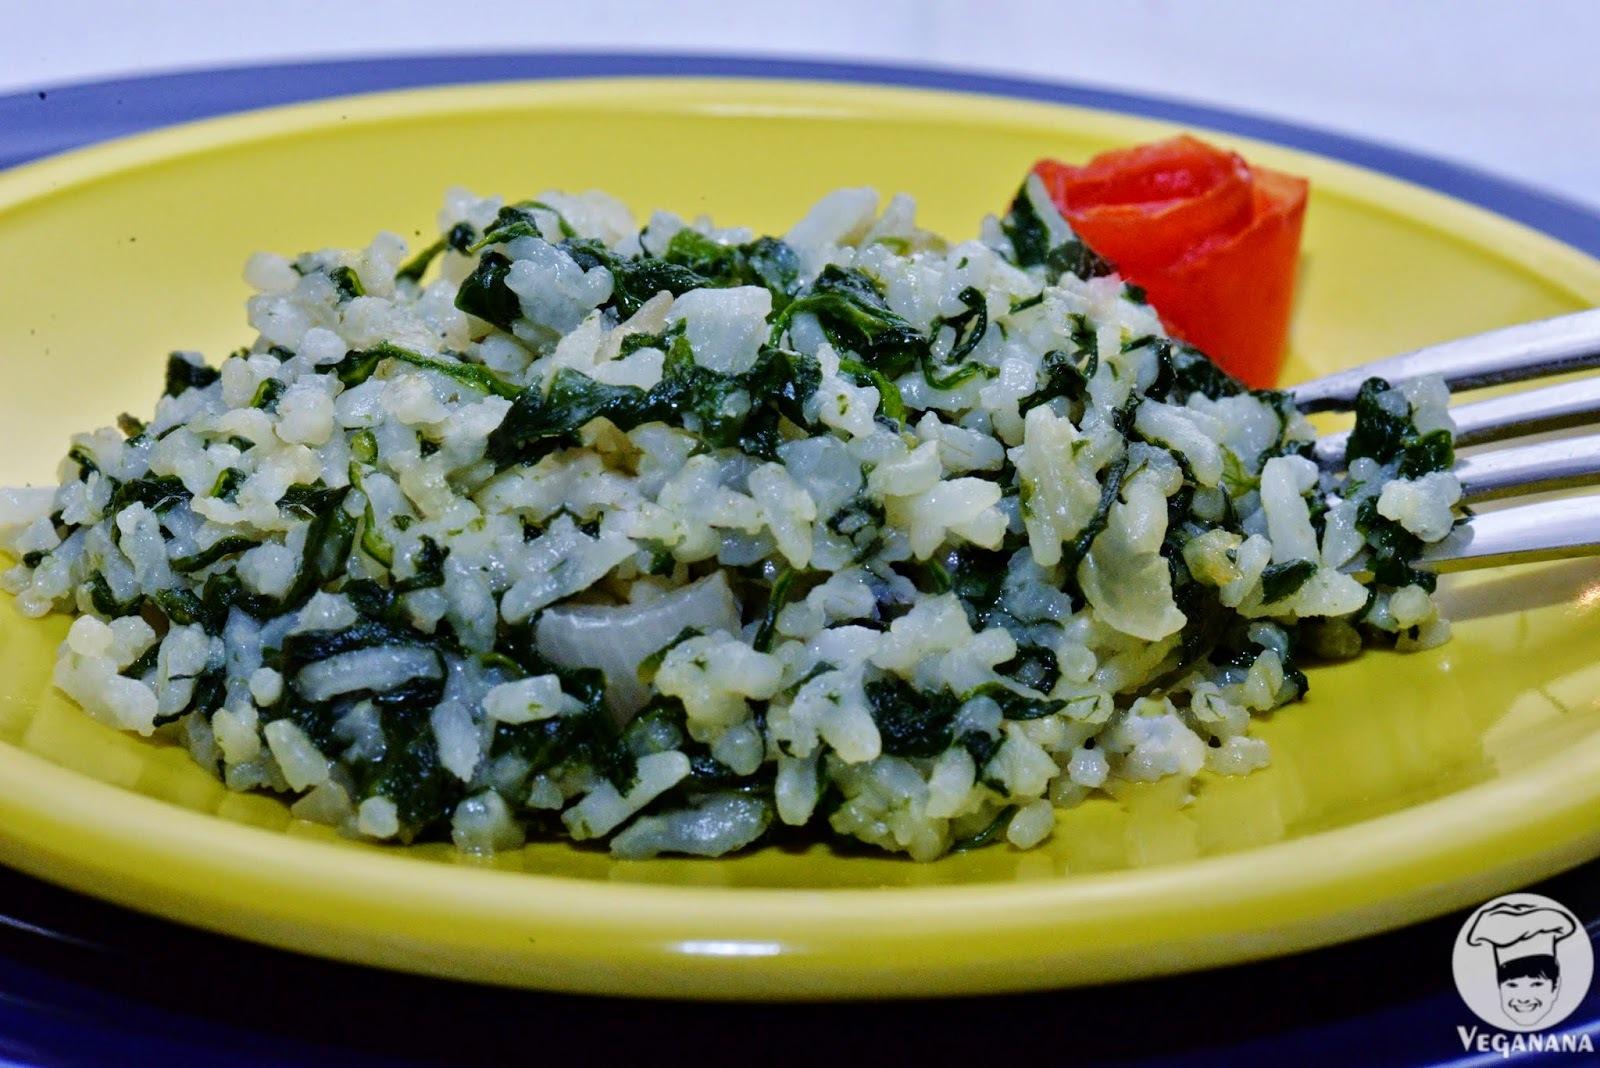 arroz refogado com verduras